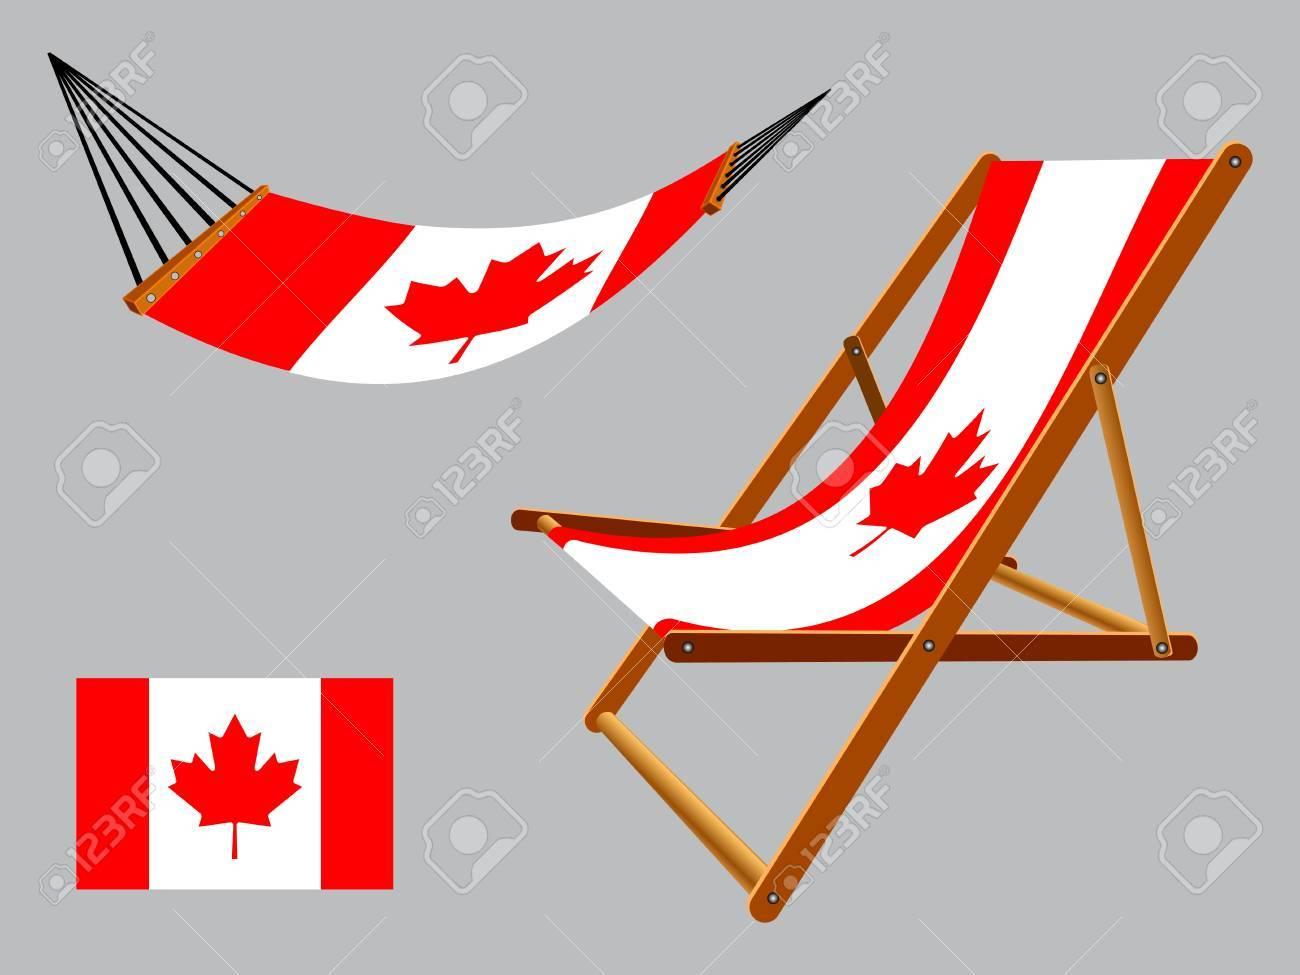 Lo Sdraio O La Sdraio.Canada Amaca E Sedia A Sdraio Set Contro Lo Sfondo Grigio